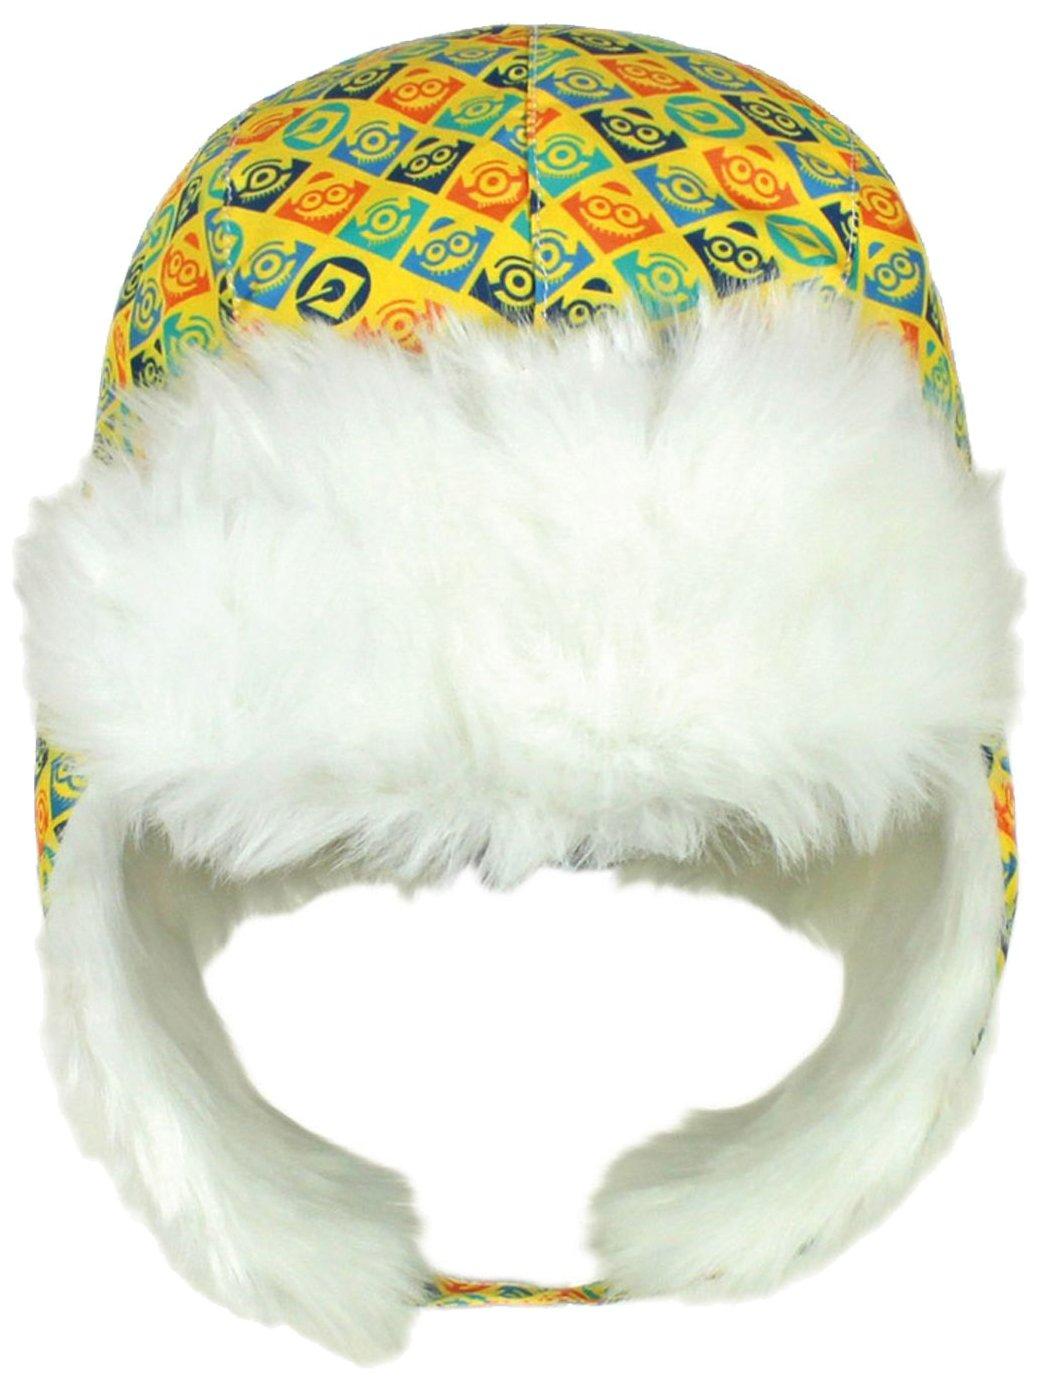 Minions 2200000392 - Gorro ruso para niños, multicolor, talla única Cerdá